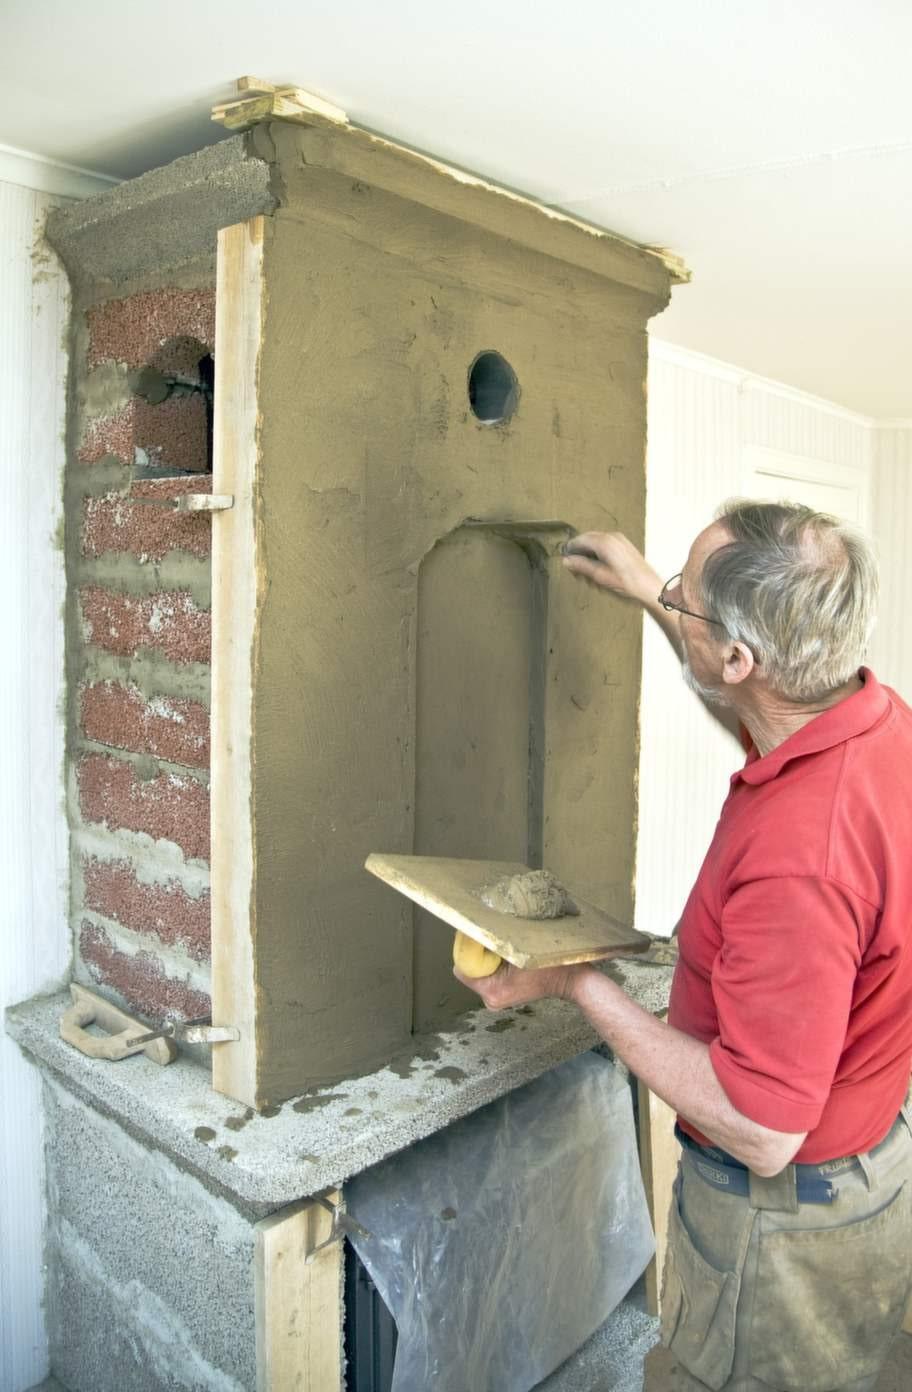 Putsa slätt<br>Att putsa en murspis är en riktig konst. Här krävs en  verklig yrkesman. Nu är nästan hela murspisen färdigputsad. Innan det är  dags att måla måste putsen torka ordentligt - minst 3 dygn.